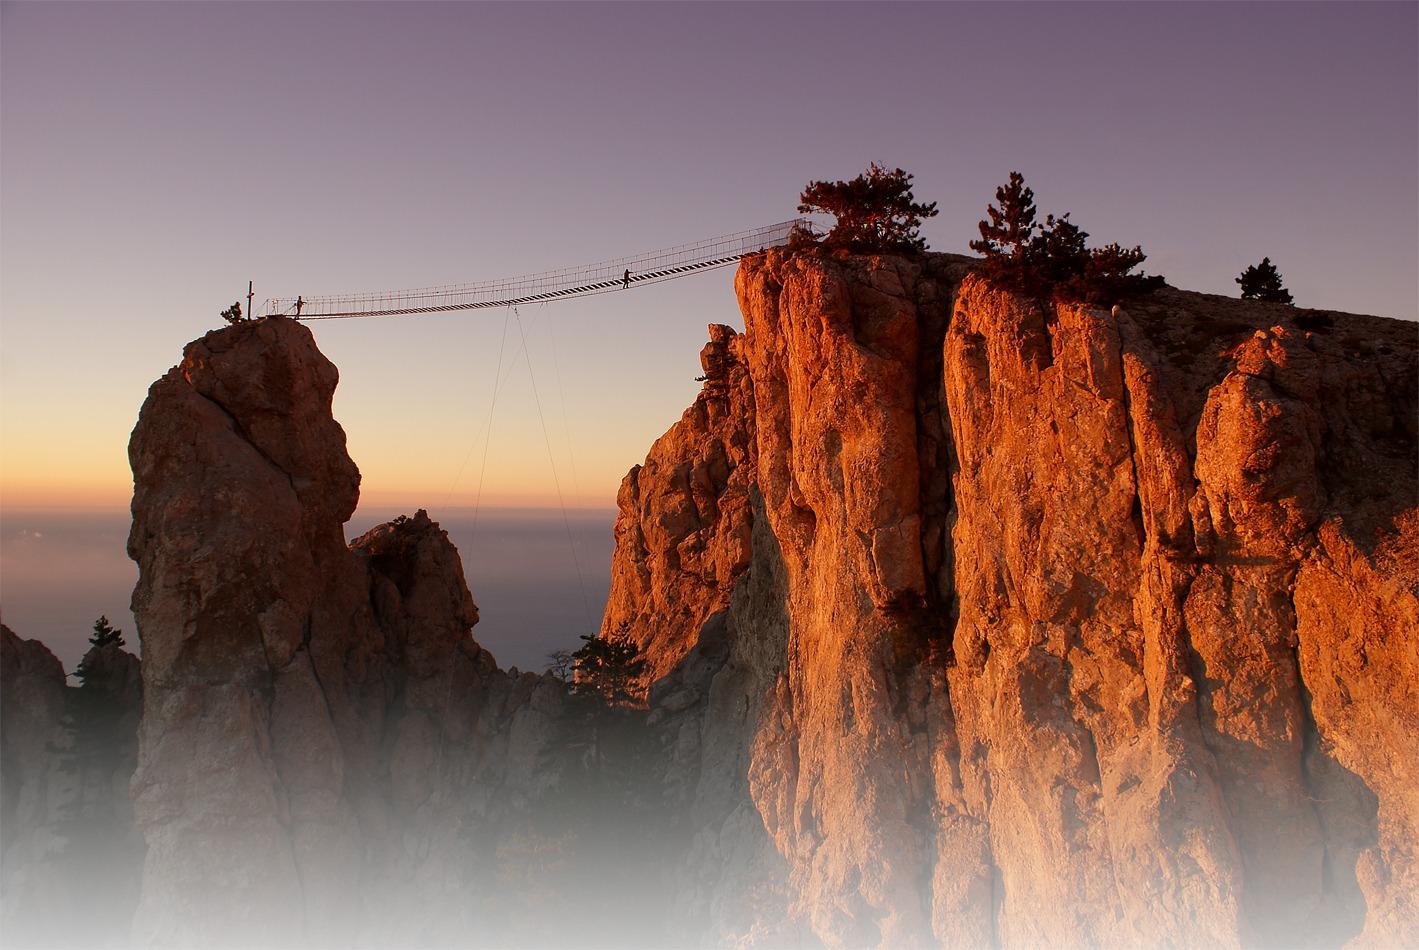 сравнению мосты над бездной картинки корни, как считается